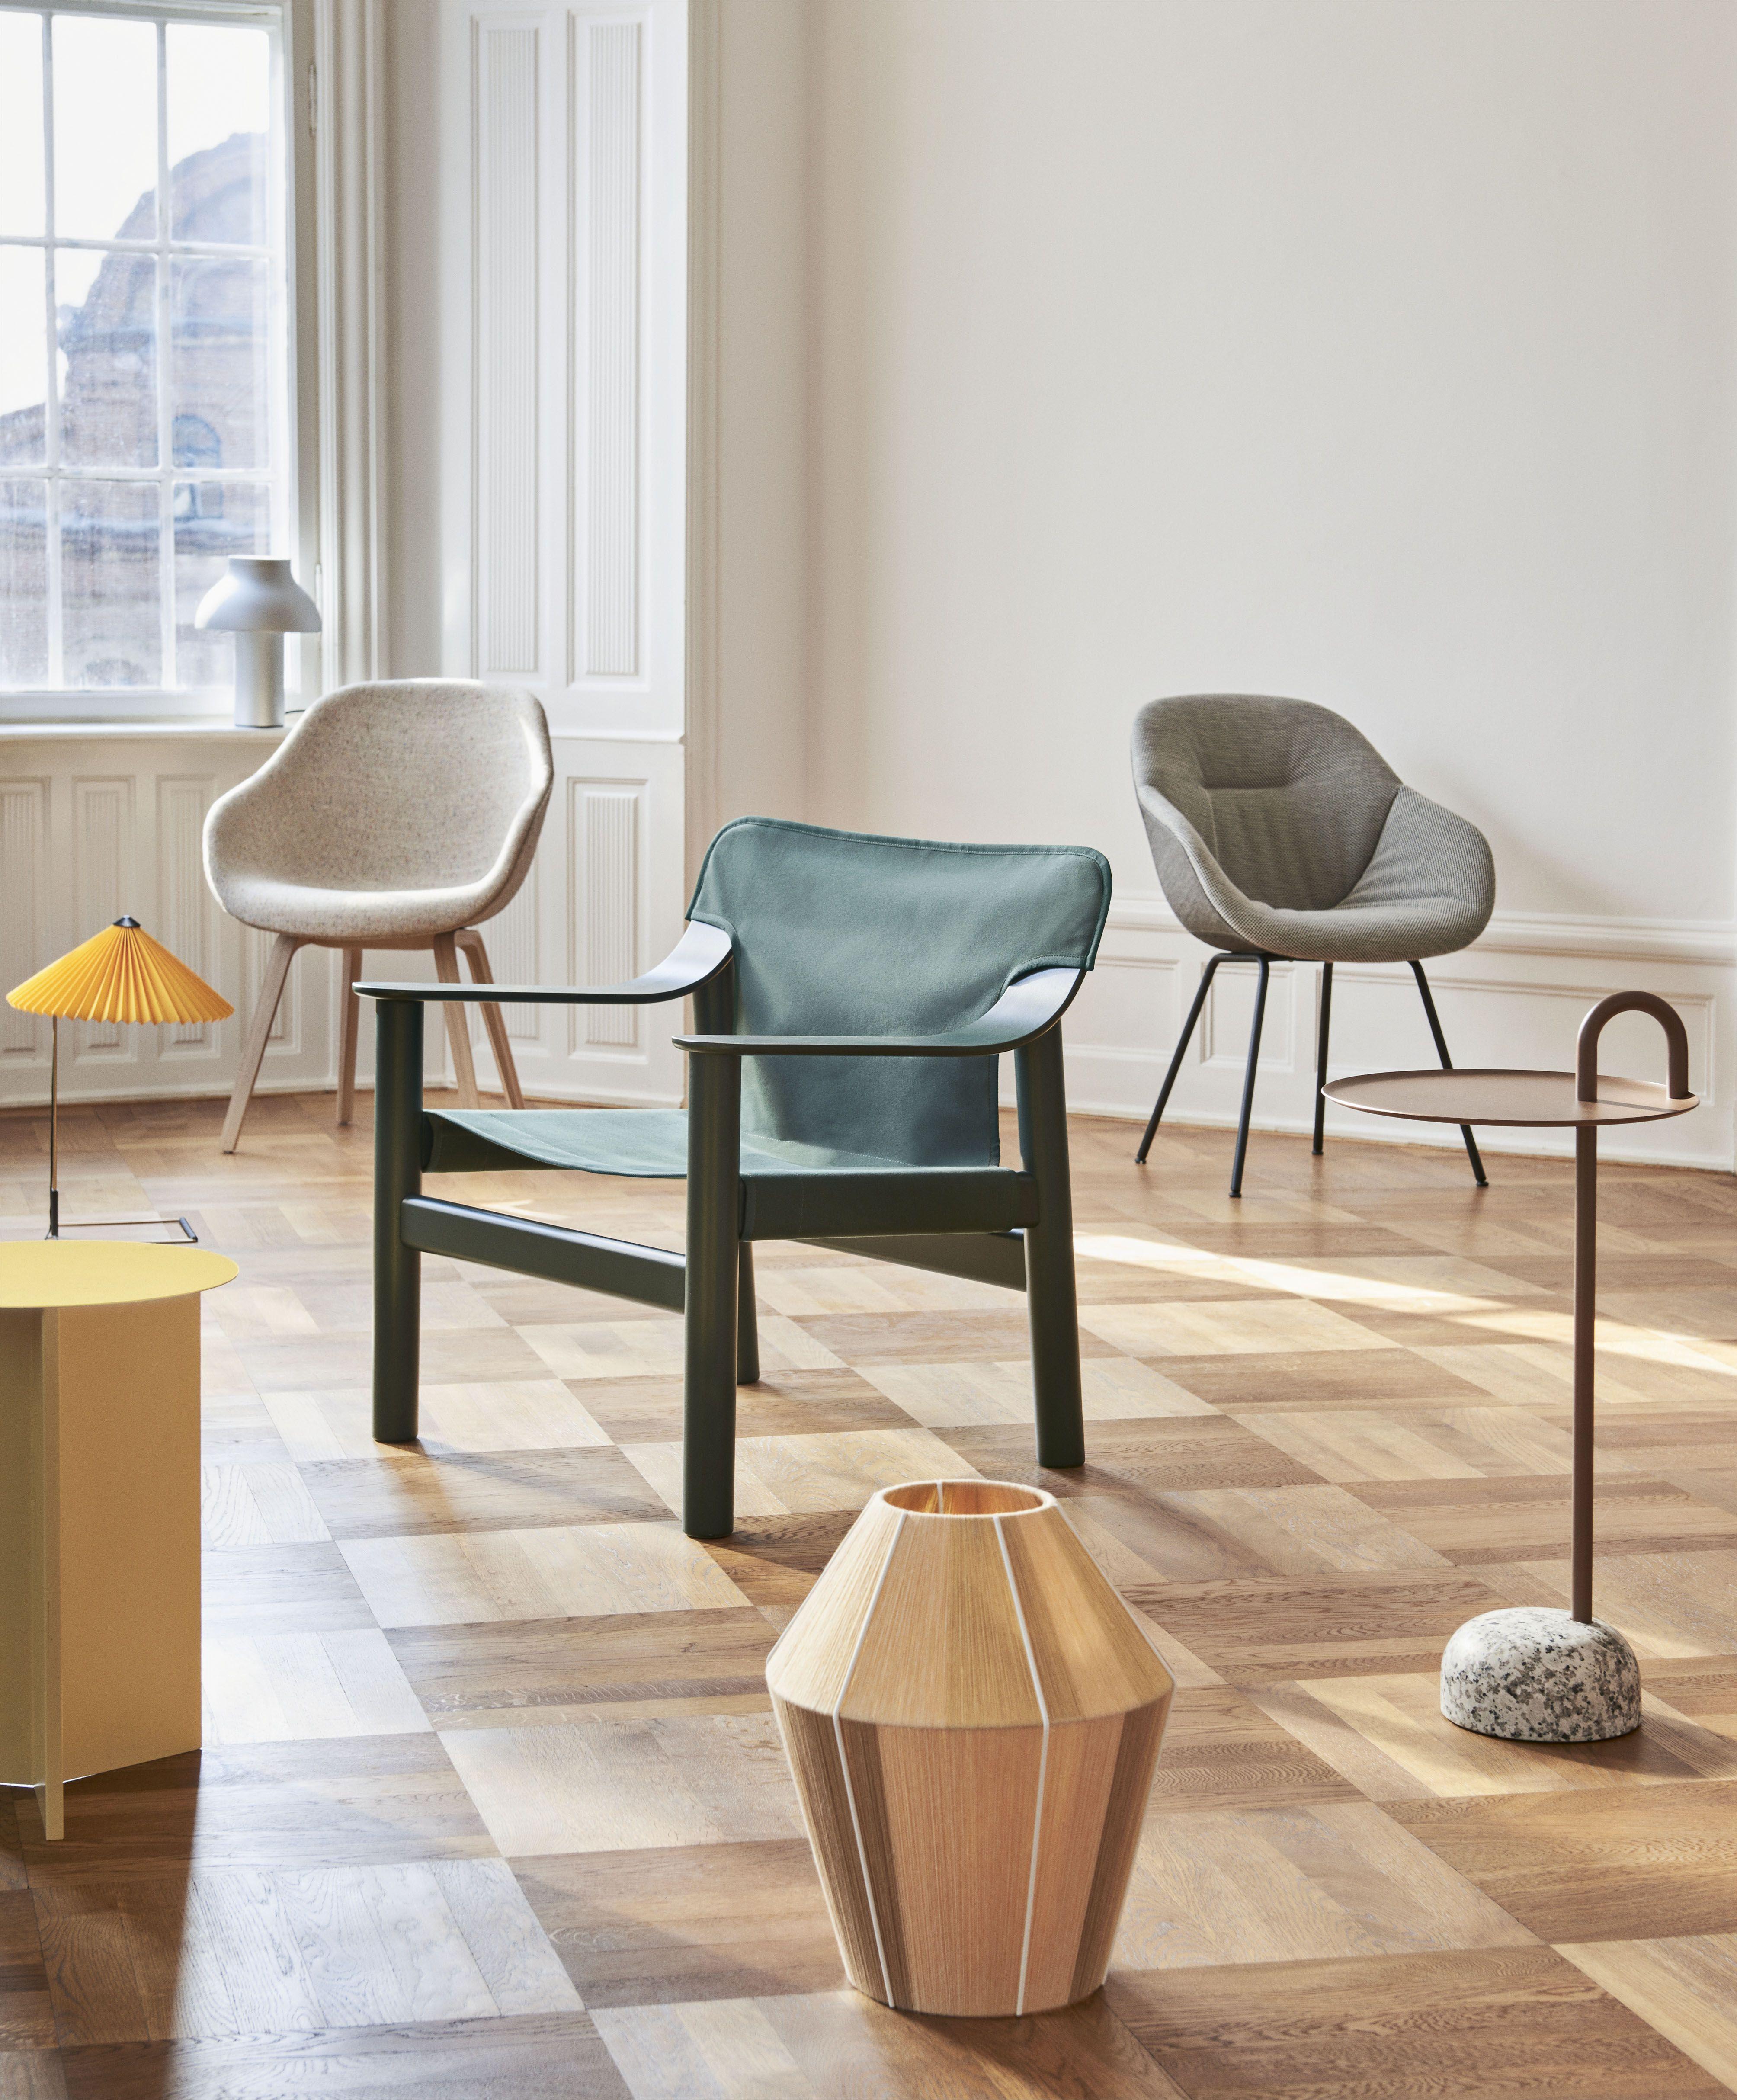 Nieuwe Design Stoelen.Een Nieuwe Lounge Fauteuil Van Hay Een Moderne Stoel Geinspireerd